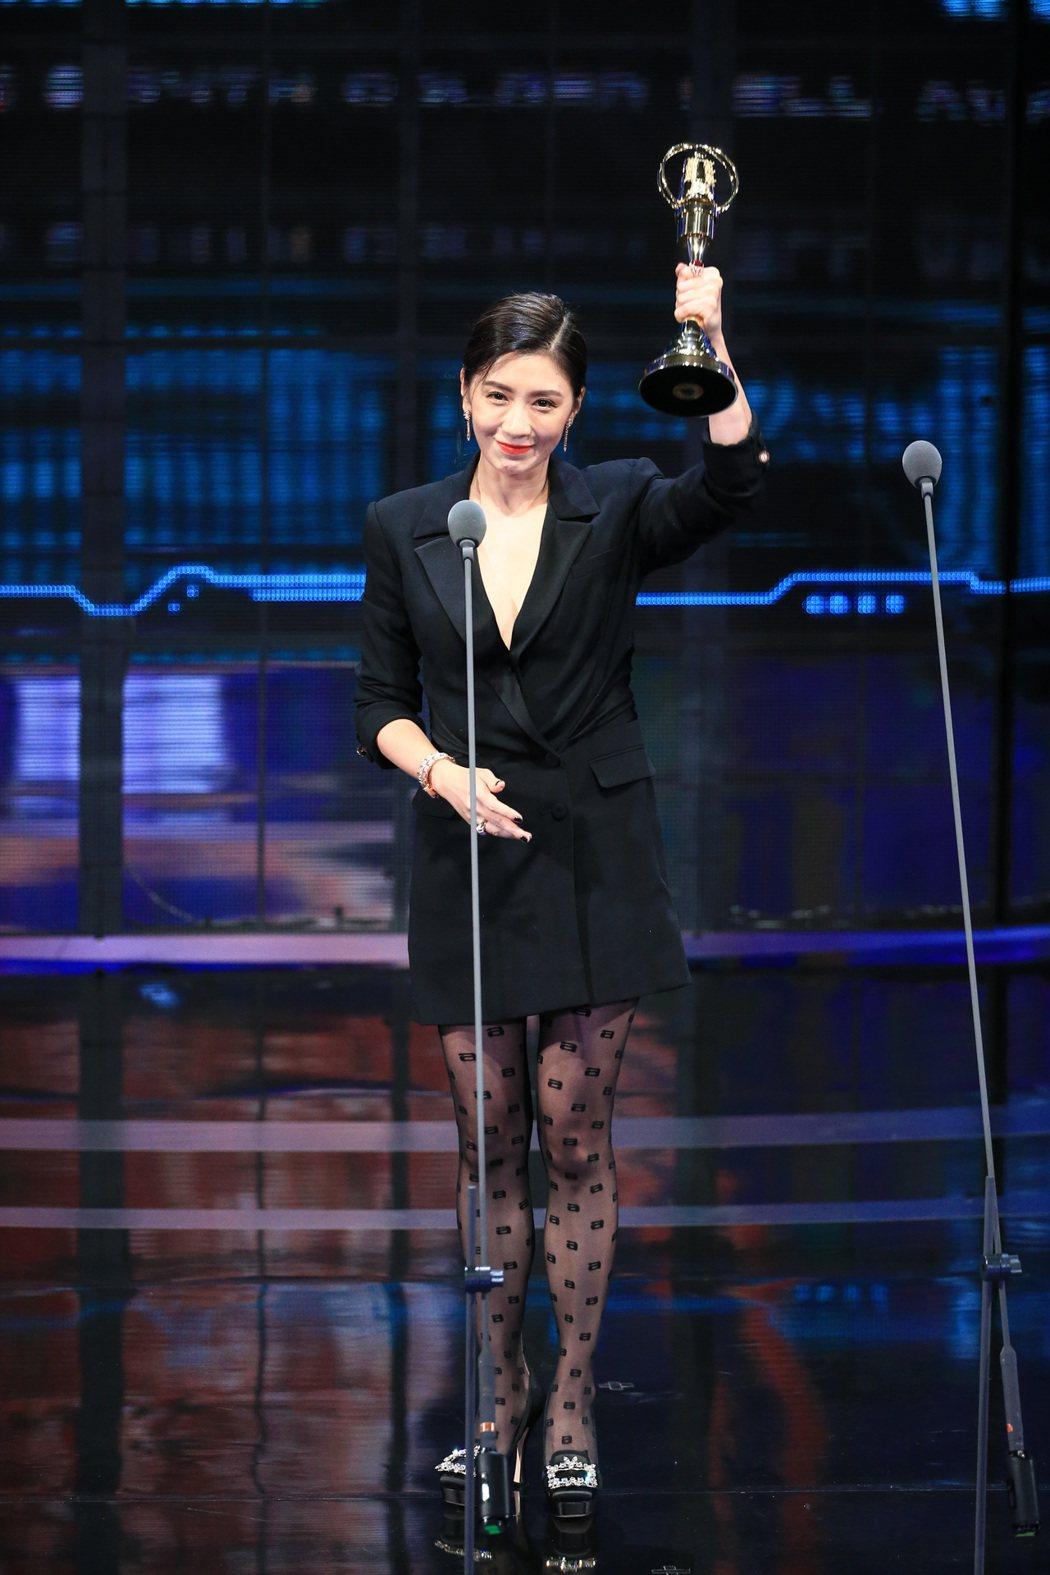 賈靜雯以我們與惡的距離獲得第54屆金鐘獎戲劇節目女主角獎。記者林伯東/攝影